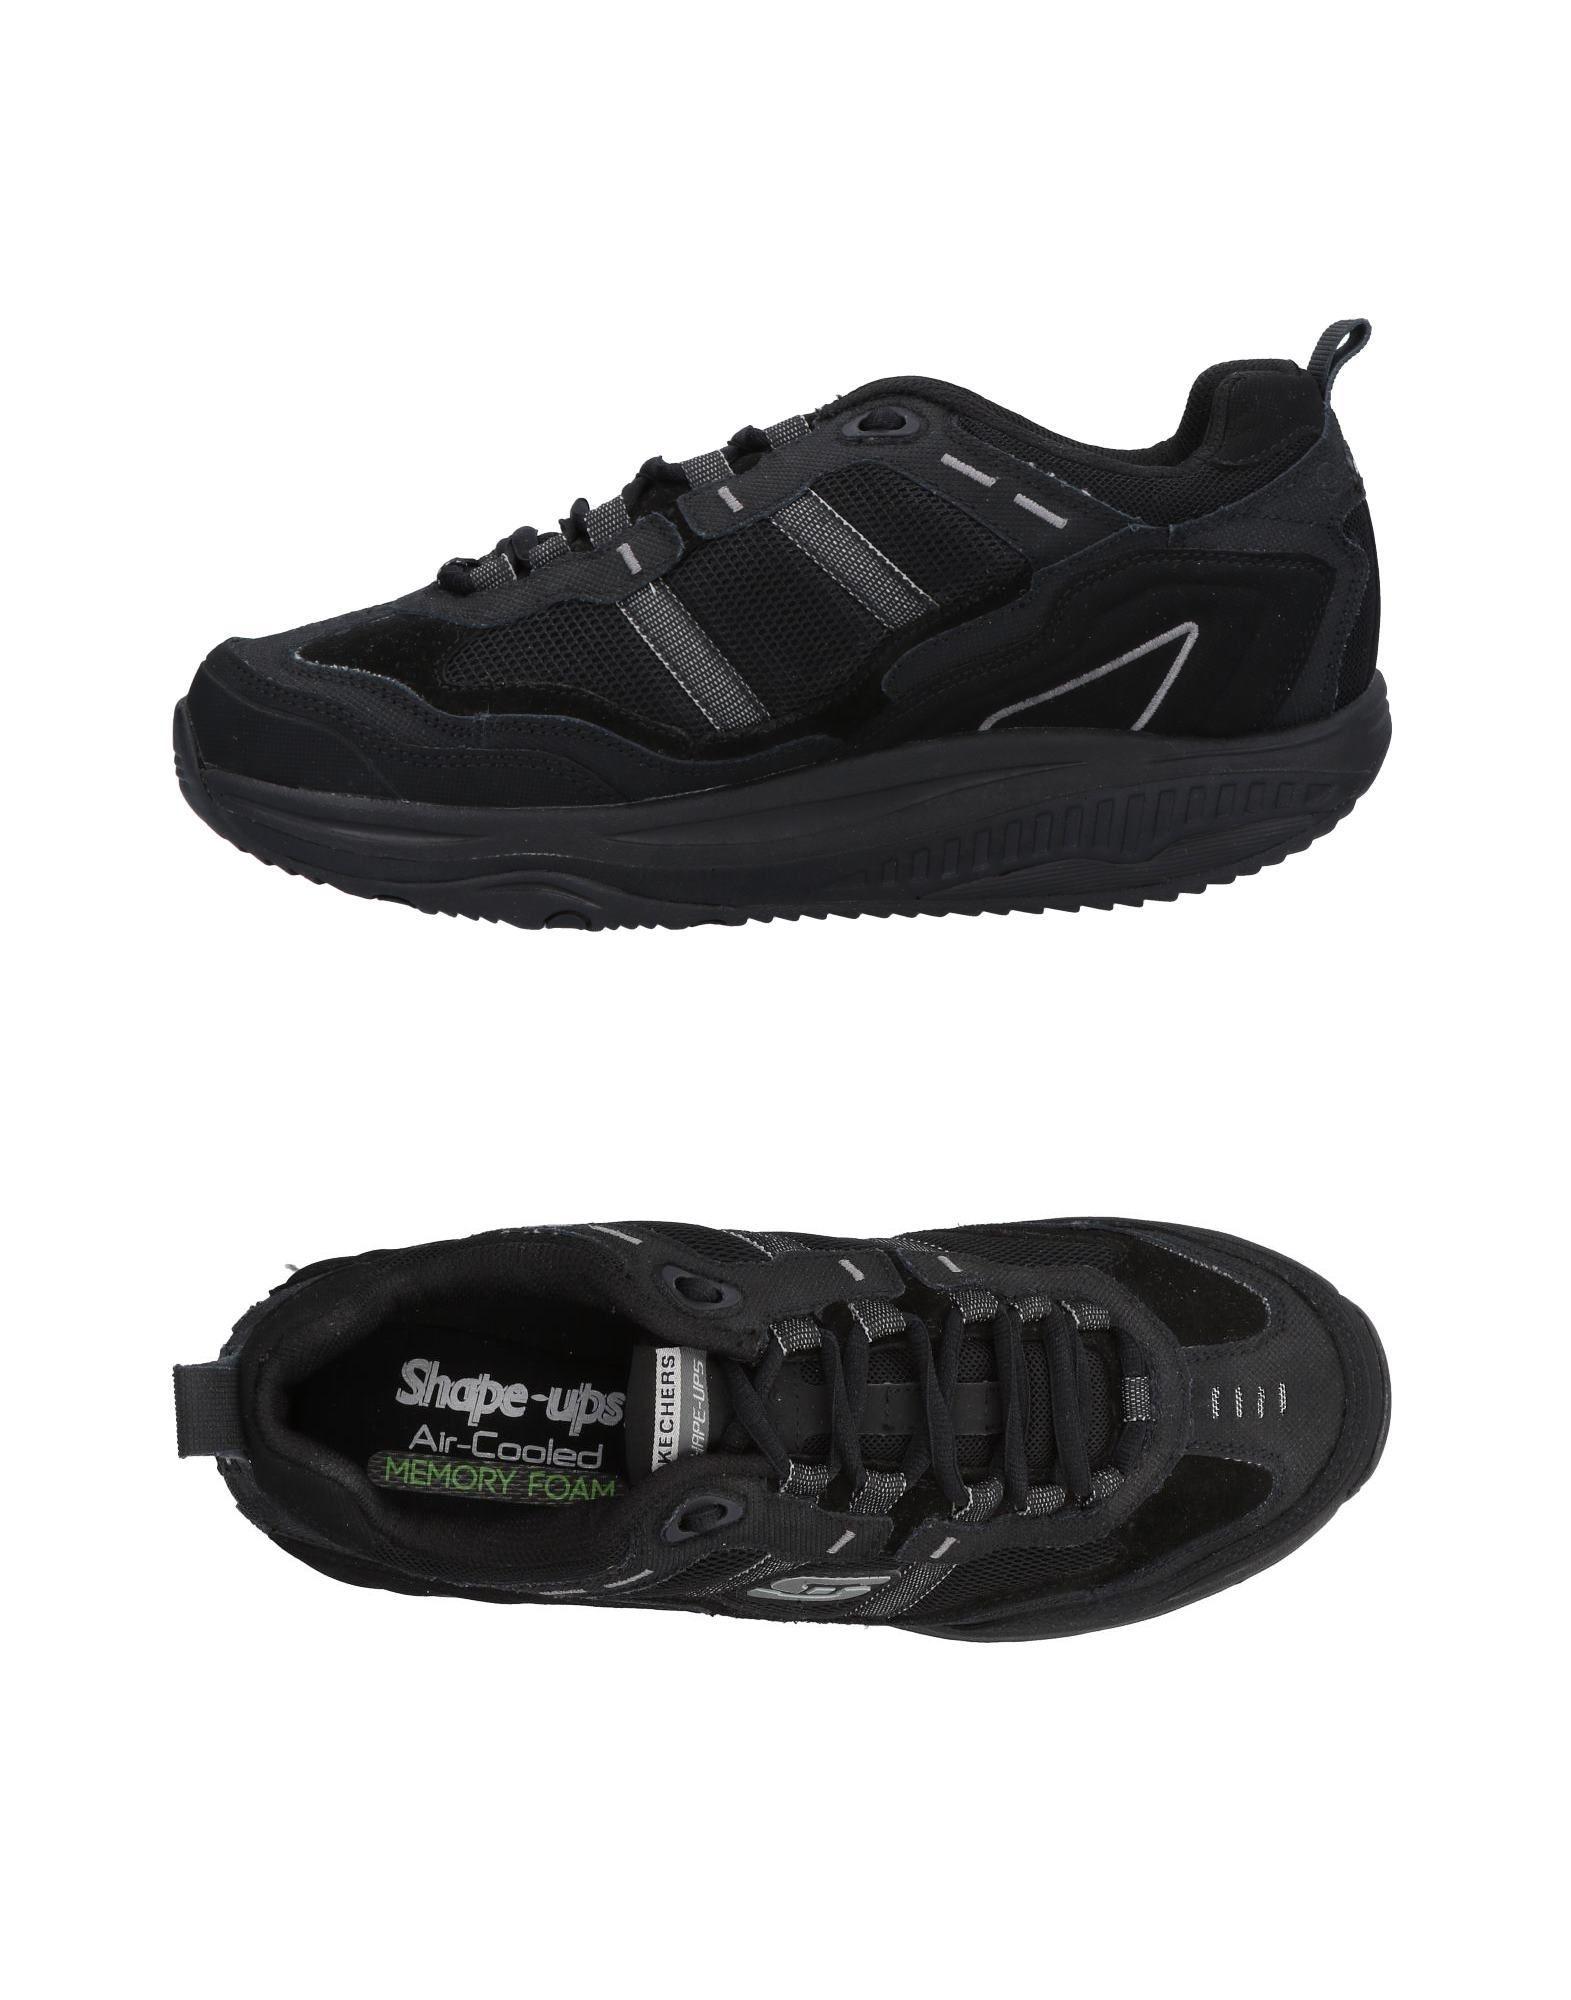 Sneakers Skechers Homme - Sneakers Skechers  Noir Nouvelles chaussures pour hommes et femmes, remise limitée dans le temps